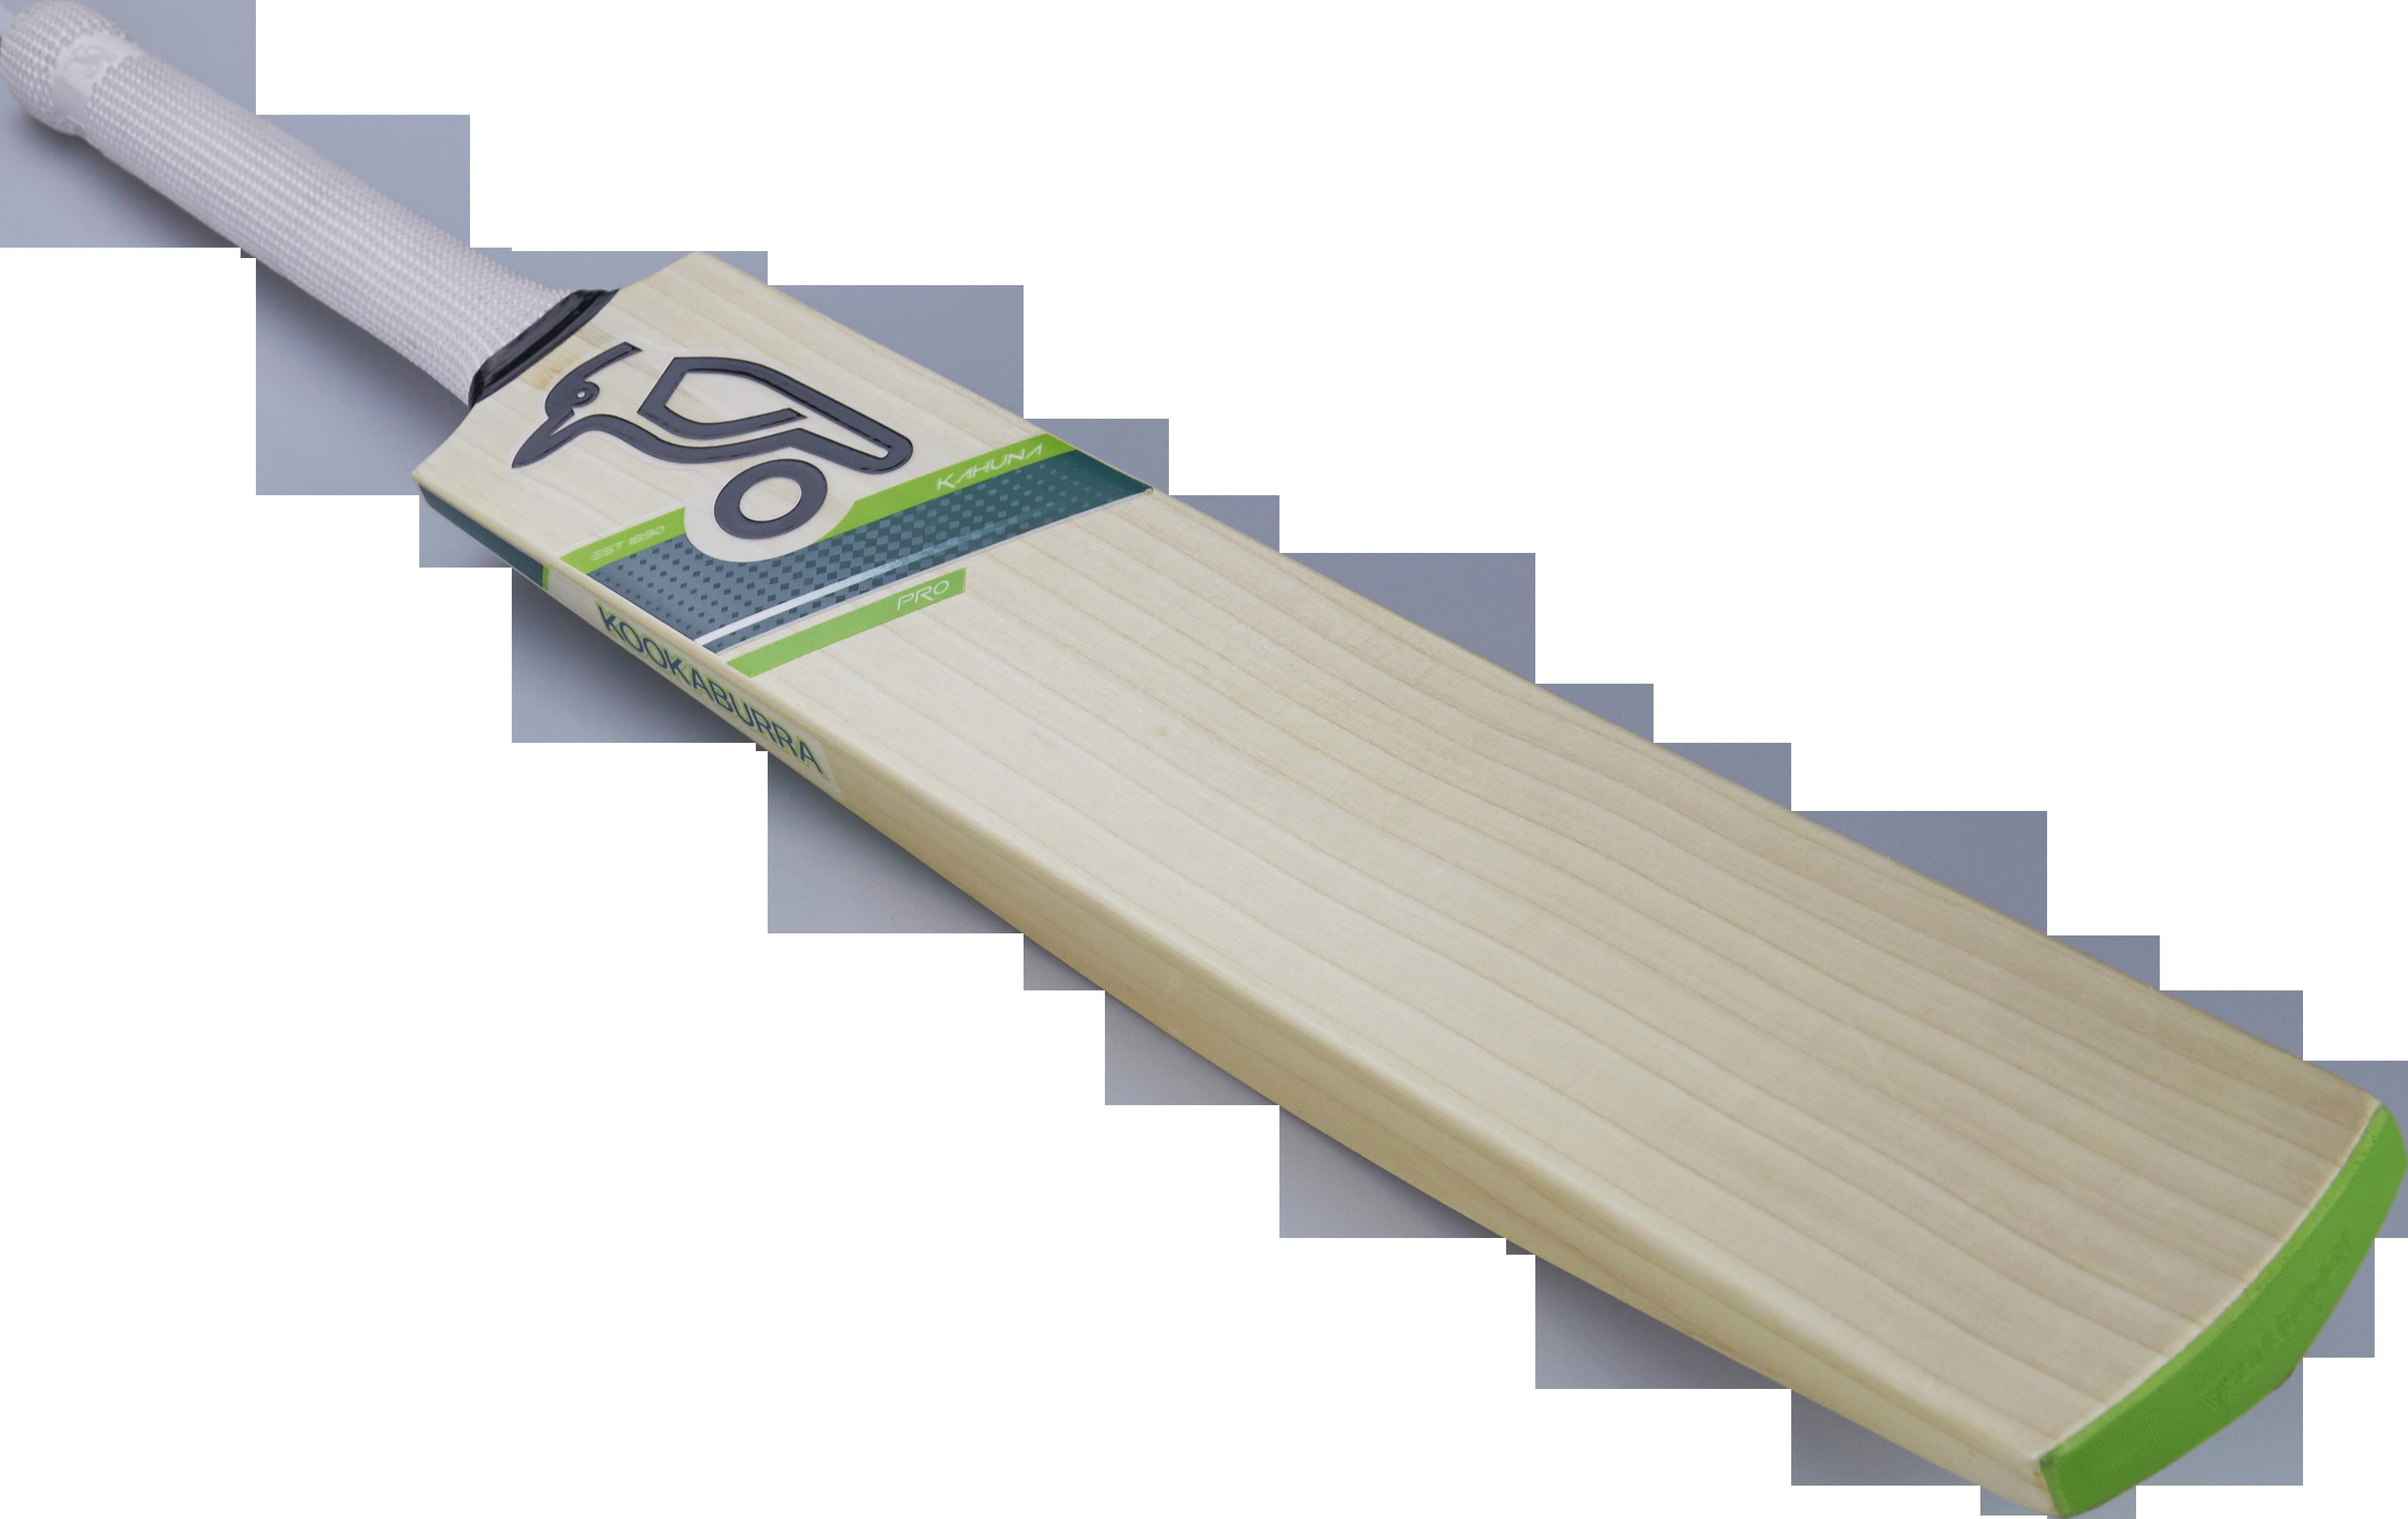 Kookaburra Kahuna cricket bat 2017